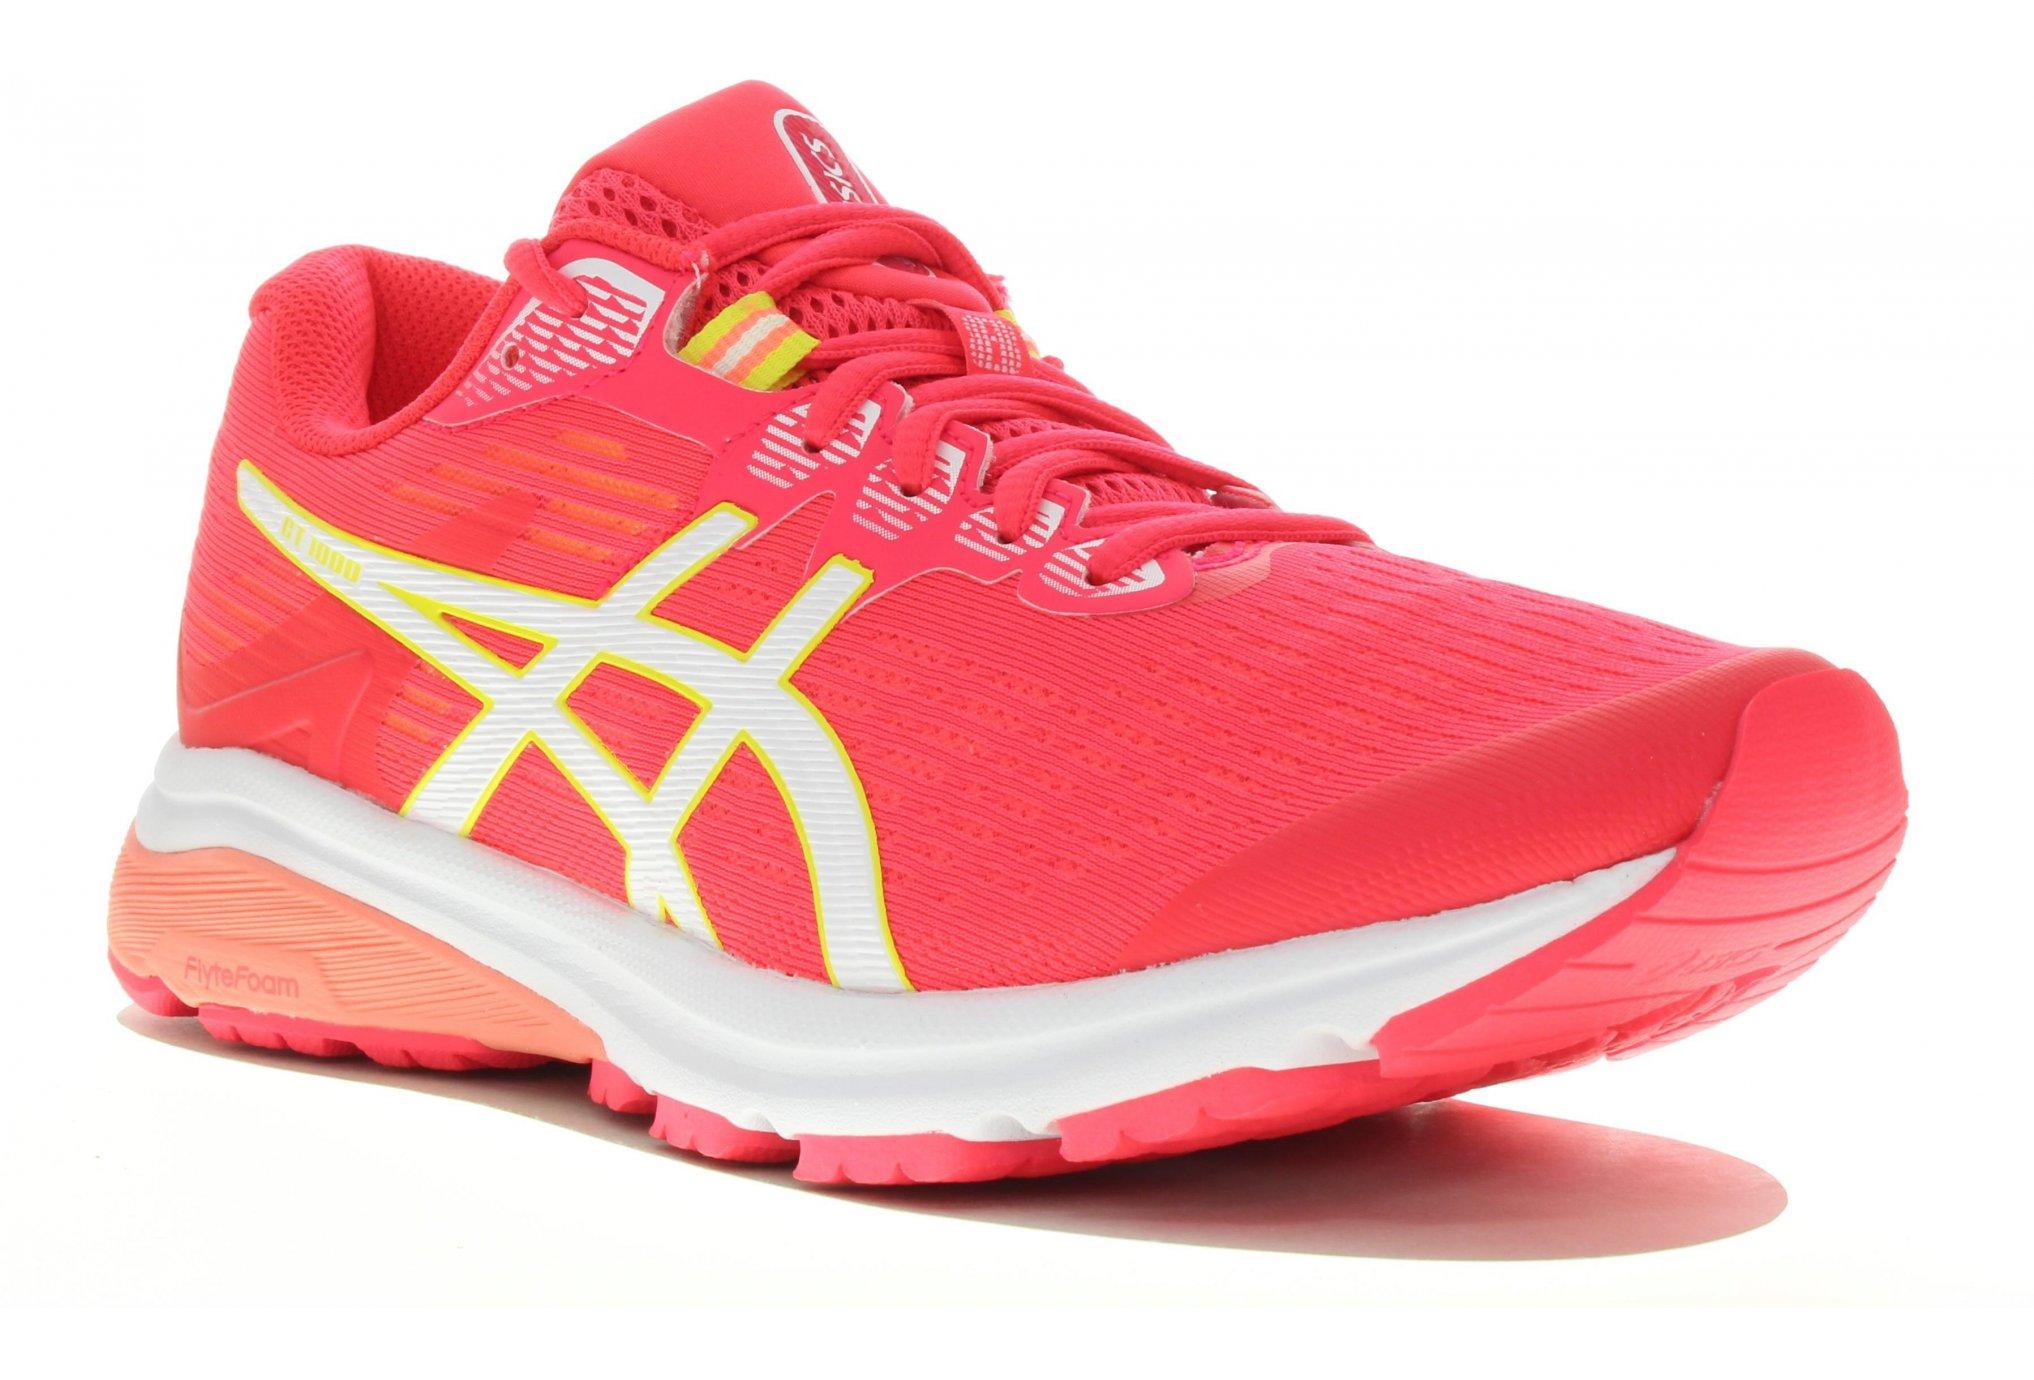 Asics GT-1000 8 Chaussures running femme